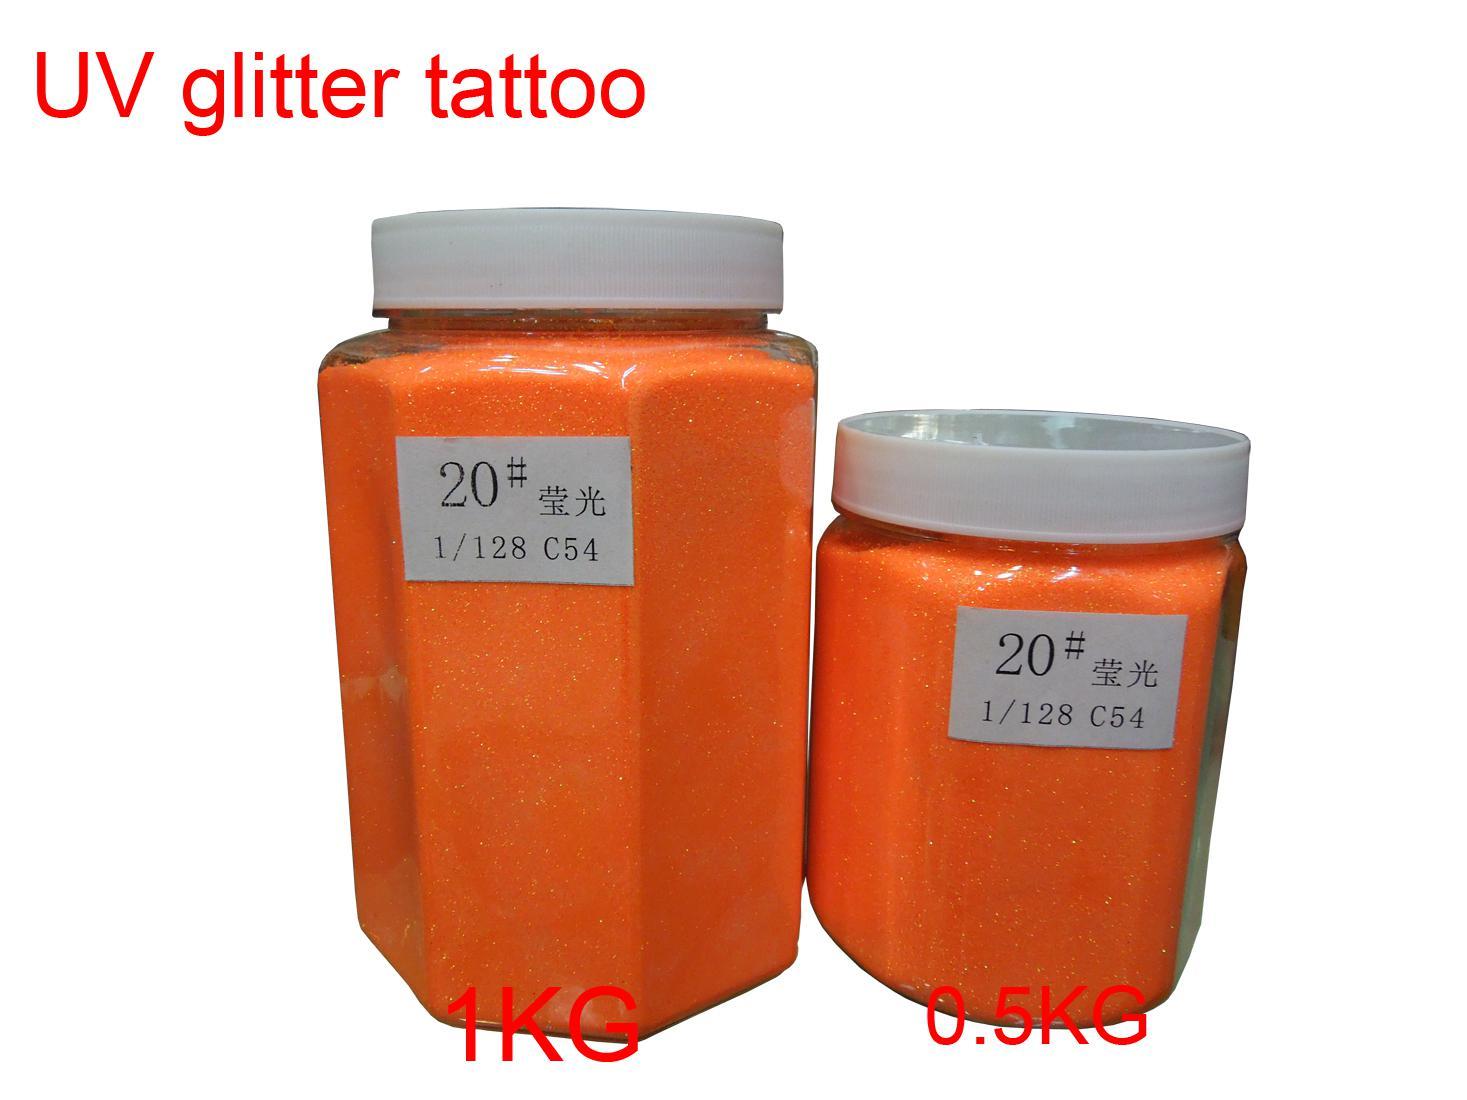 1 кг / бочка Высокое качество УФ-блеск татуировки порошок для боди-арт / временные татуировки / бодиарт - бесплатная доставка